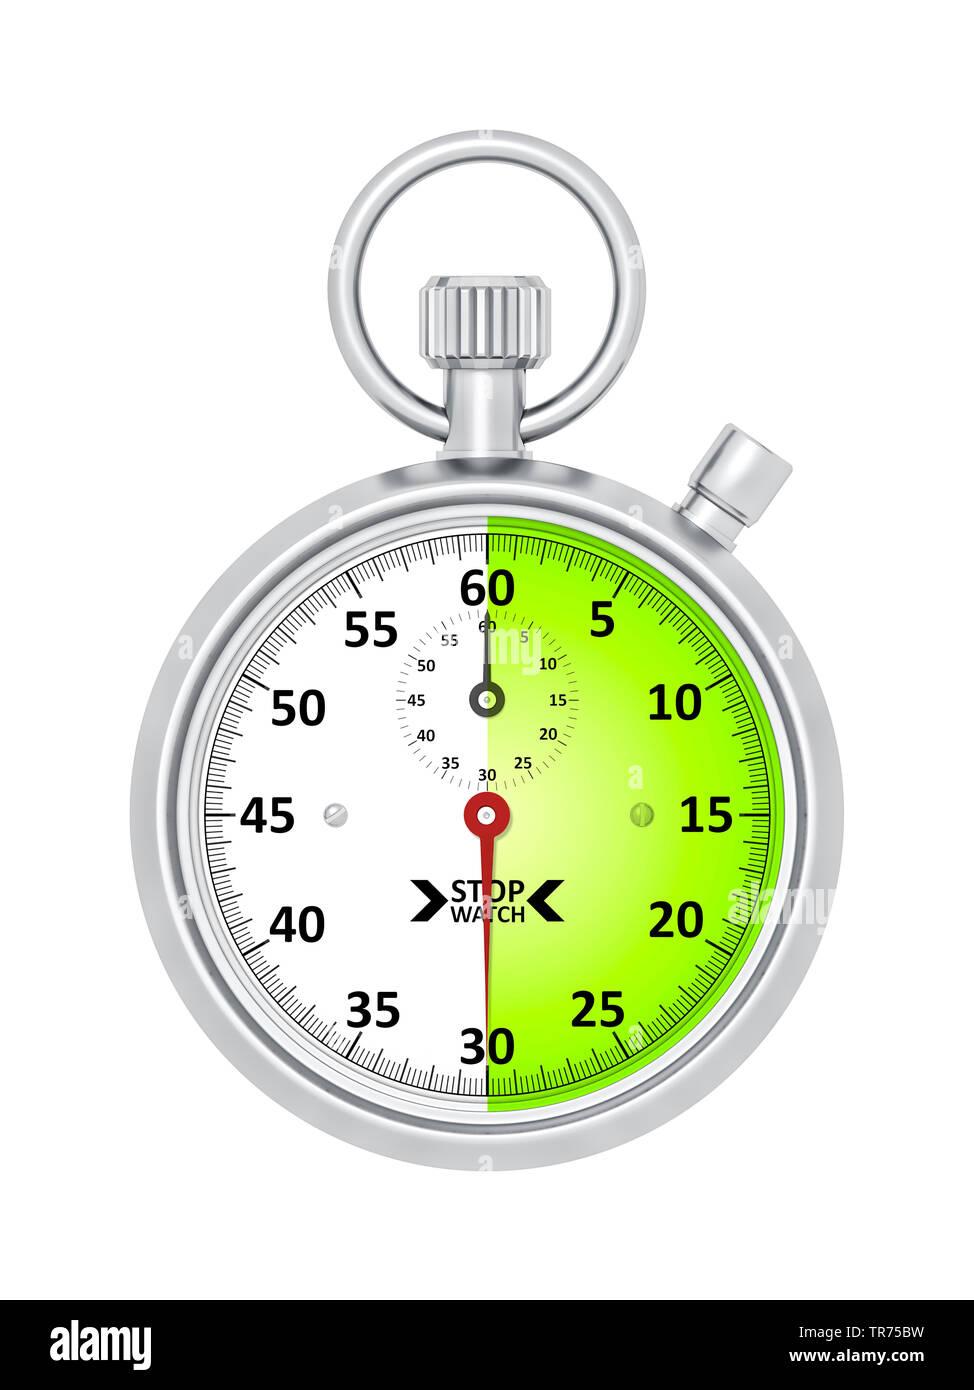 silberne Stoppuhr vor weissem Hintergrund, die etwa 30 Sekunden anzeigt | silver stopclock, cutout, 30 seconds  | BLWS498280.jpg [ (c) blickwinkel/McP - Stock Image